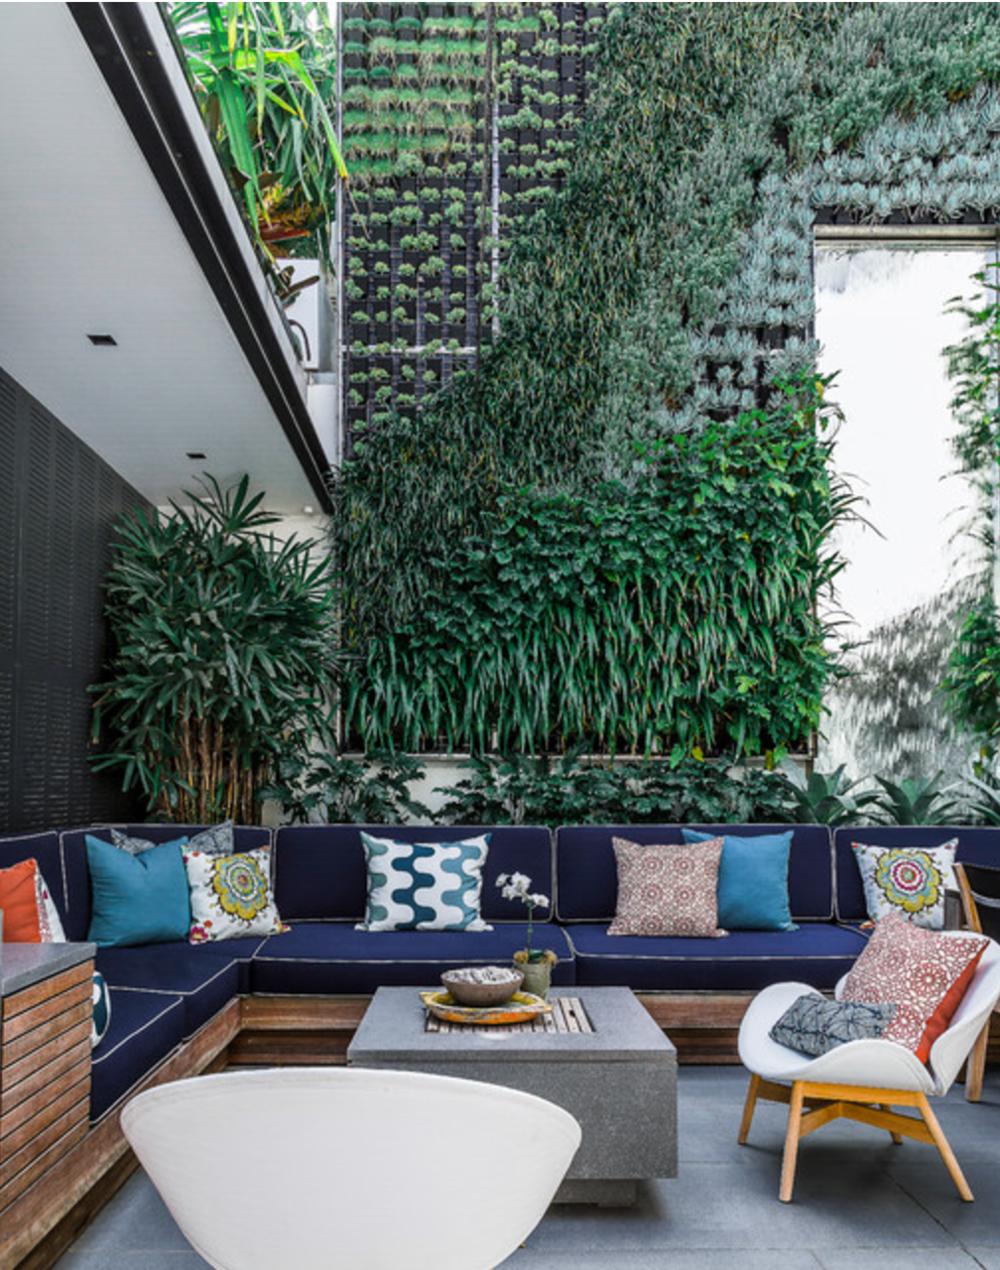 source: https://www.houzz.com/photos/22635991/Rose-Bay-contemporary-patio-sydney